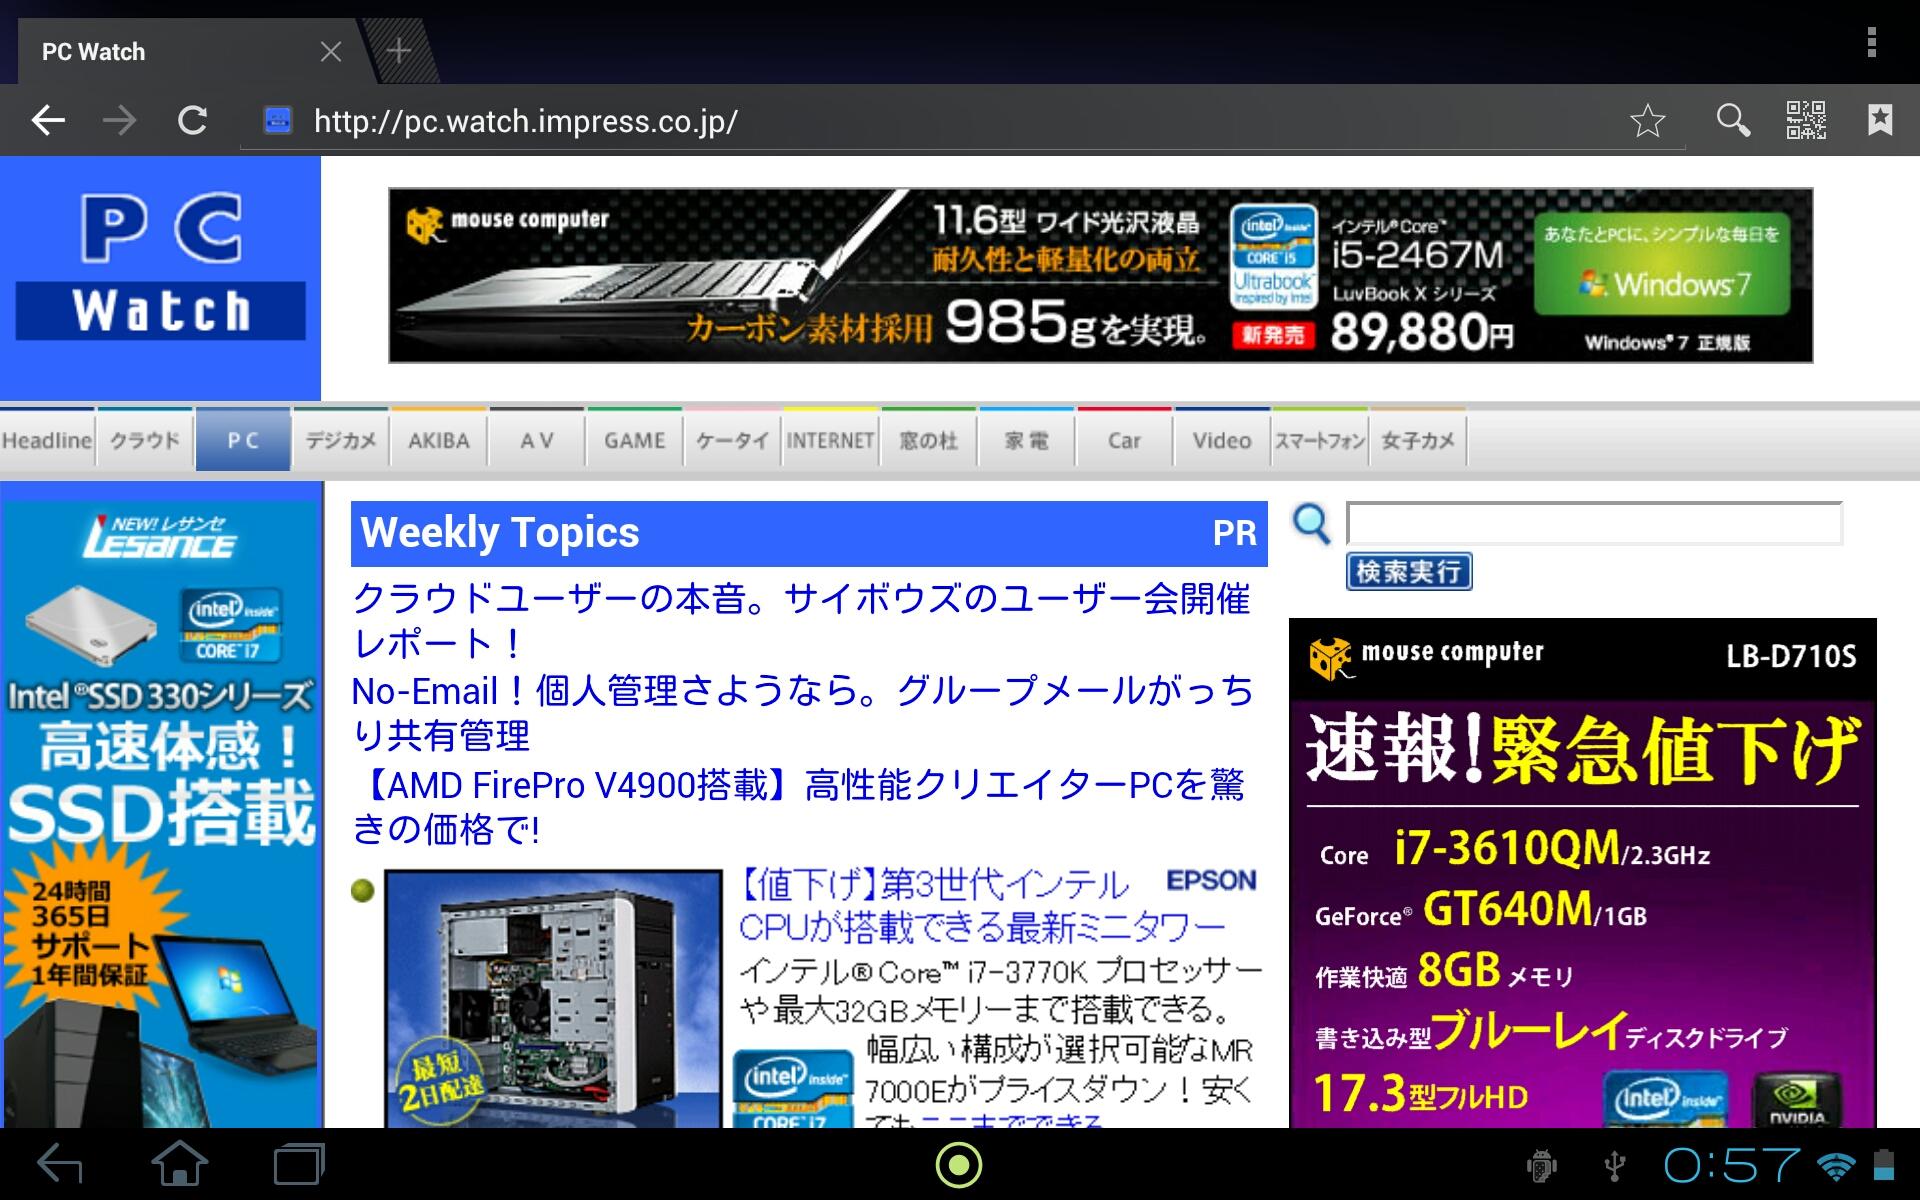 A700でPC Watchを表示した際のスクリーンショット